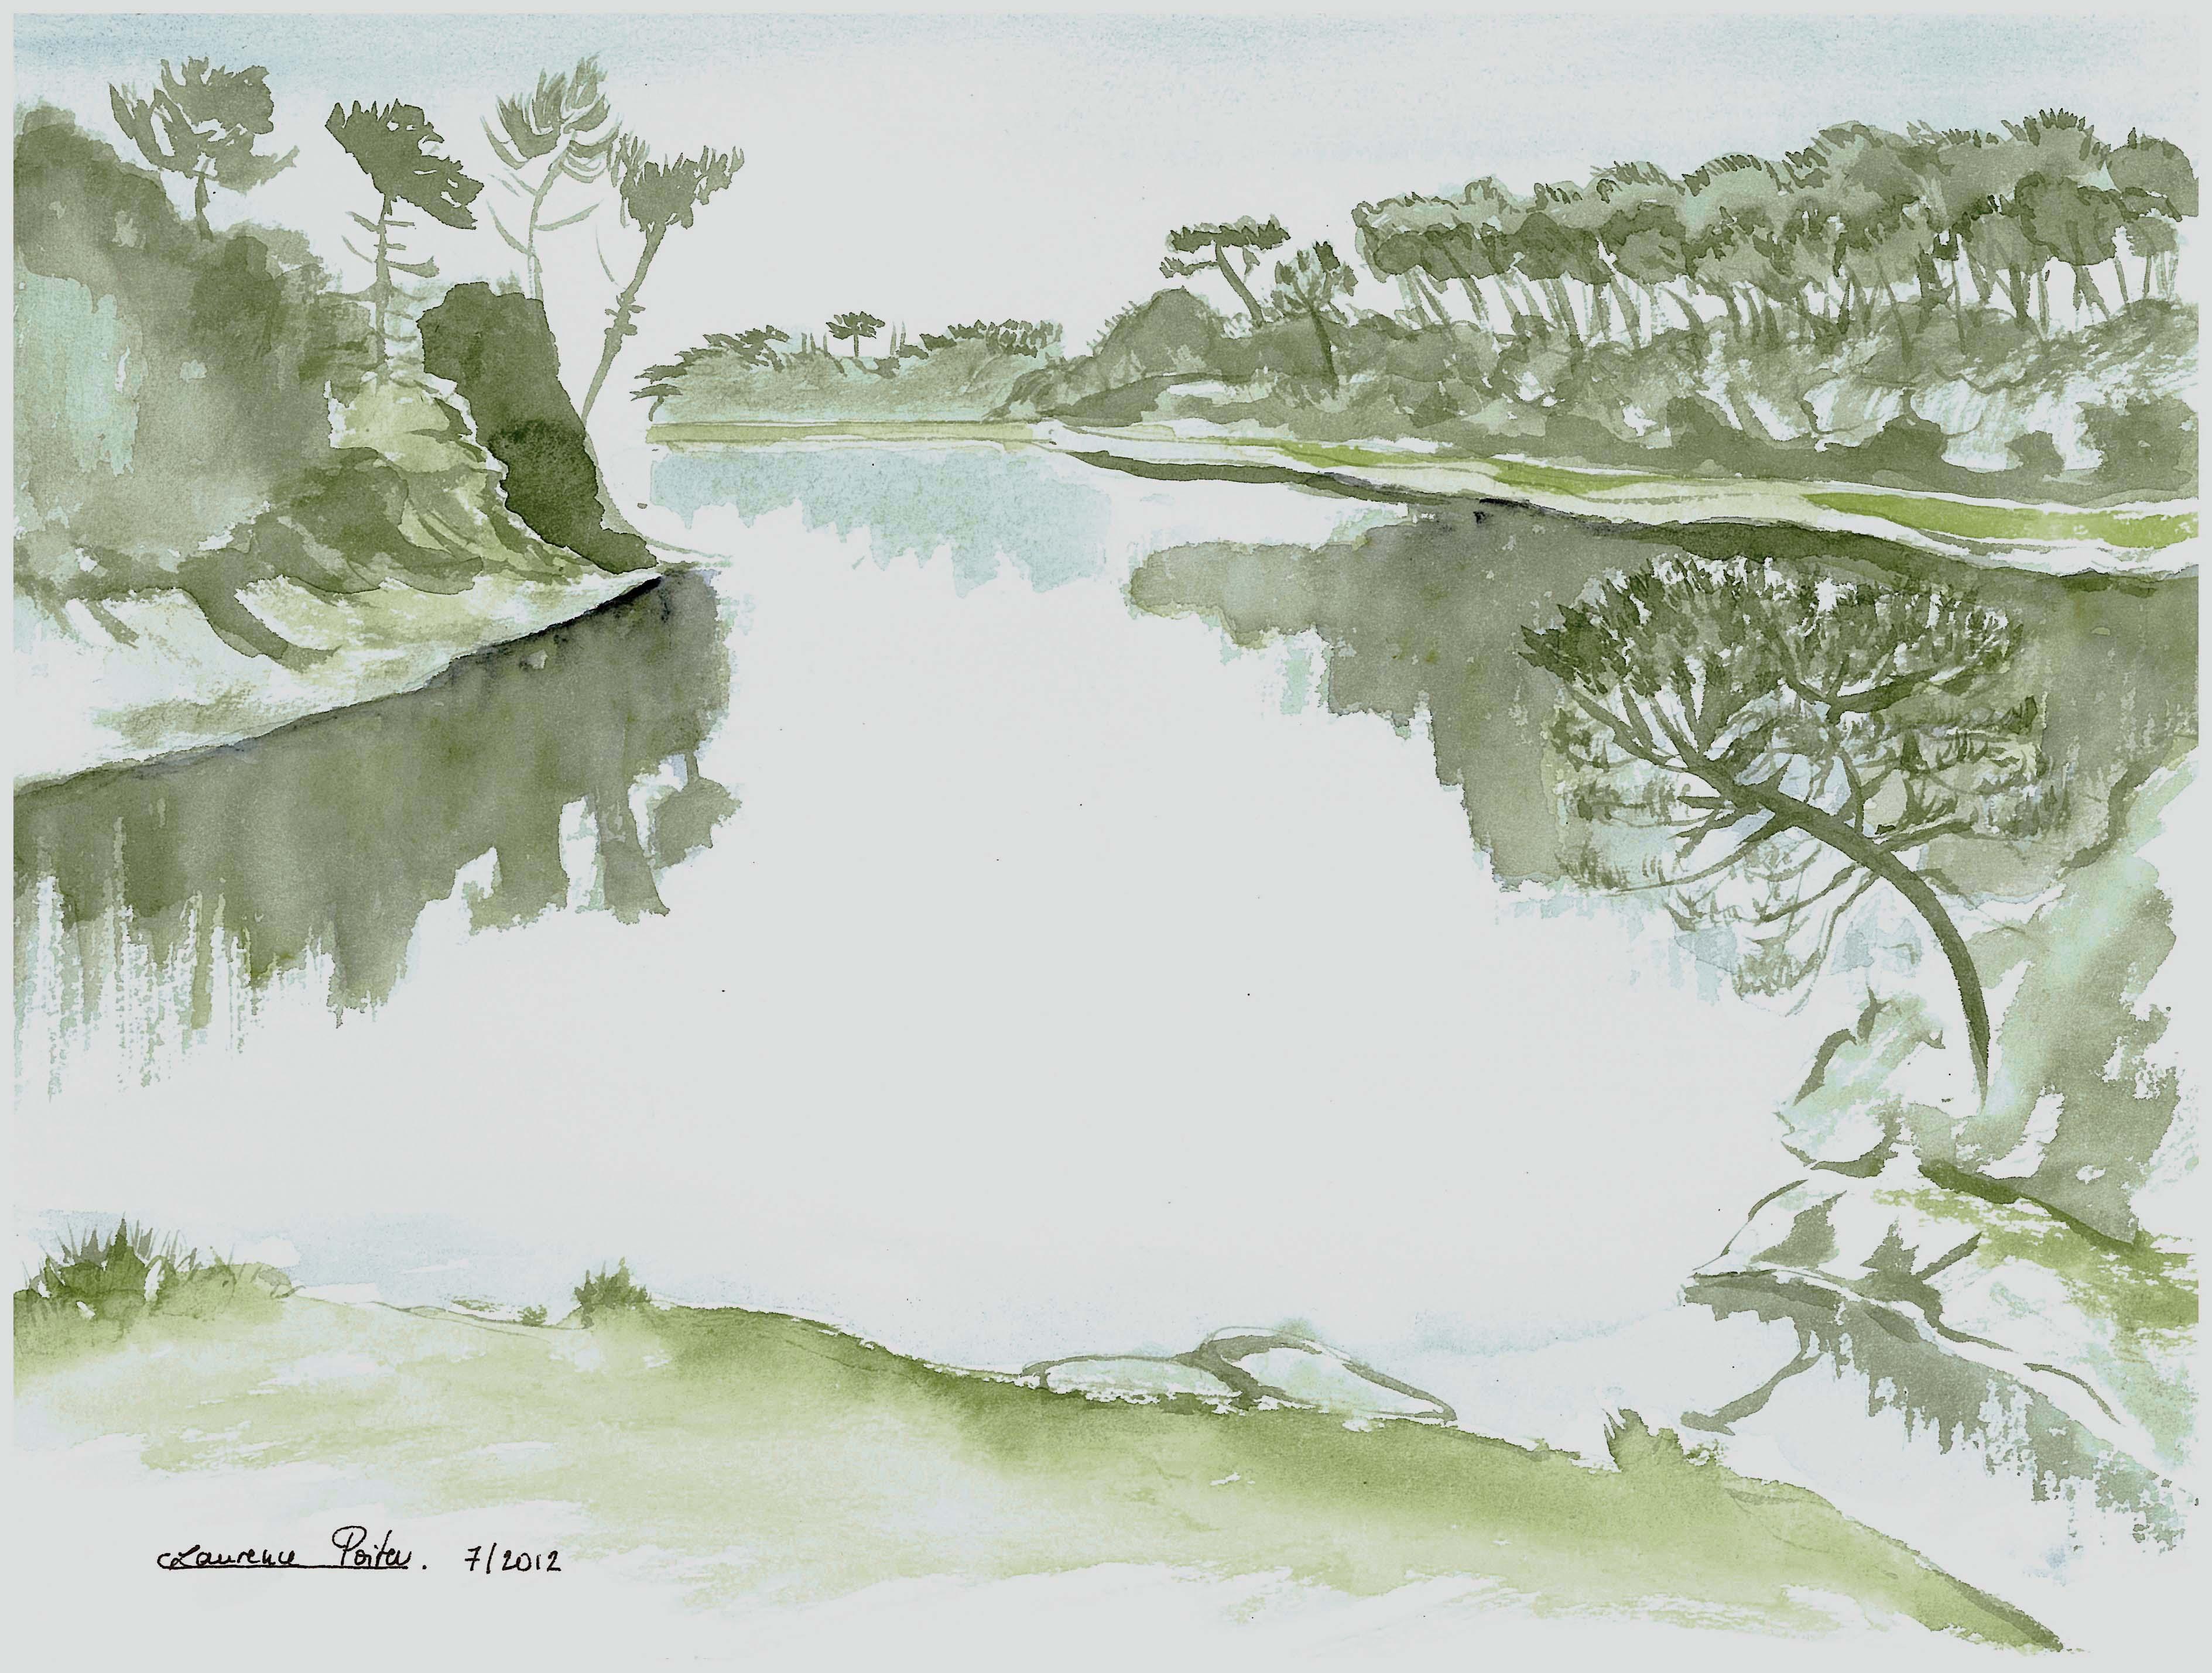 Rêveries au bord de la rivière 2